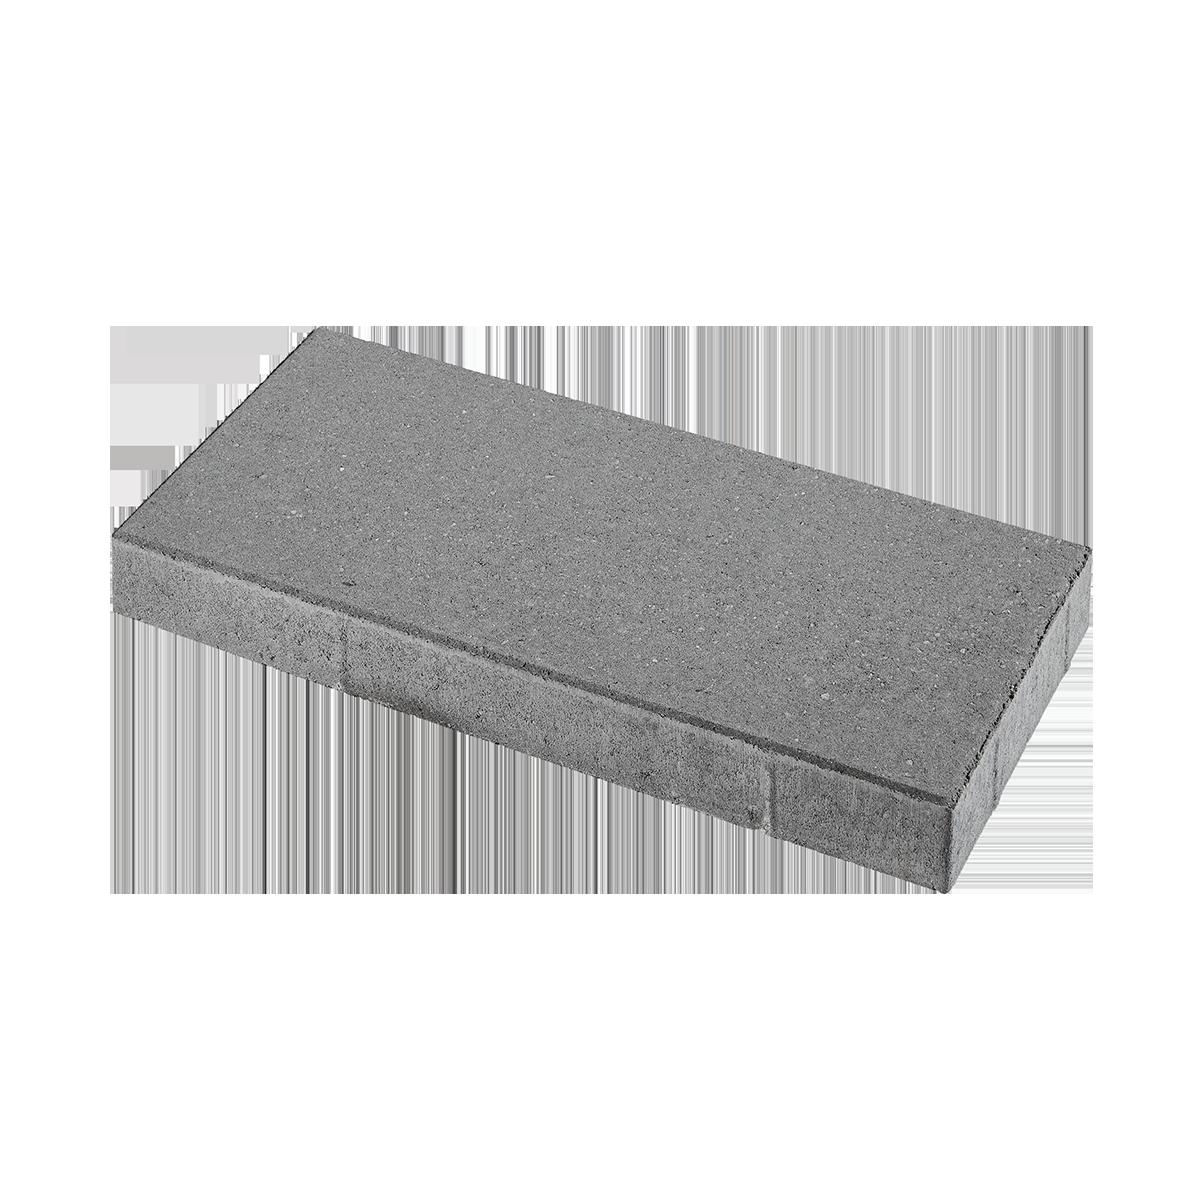 Fliser 30x60x8 cm Grå